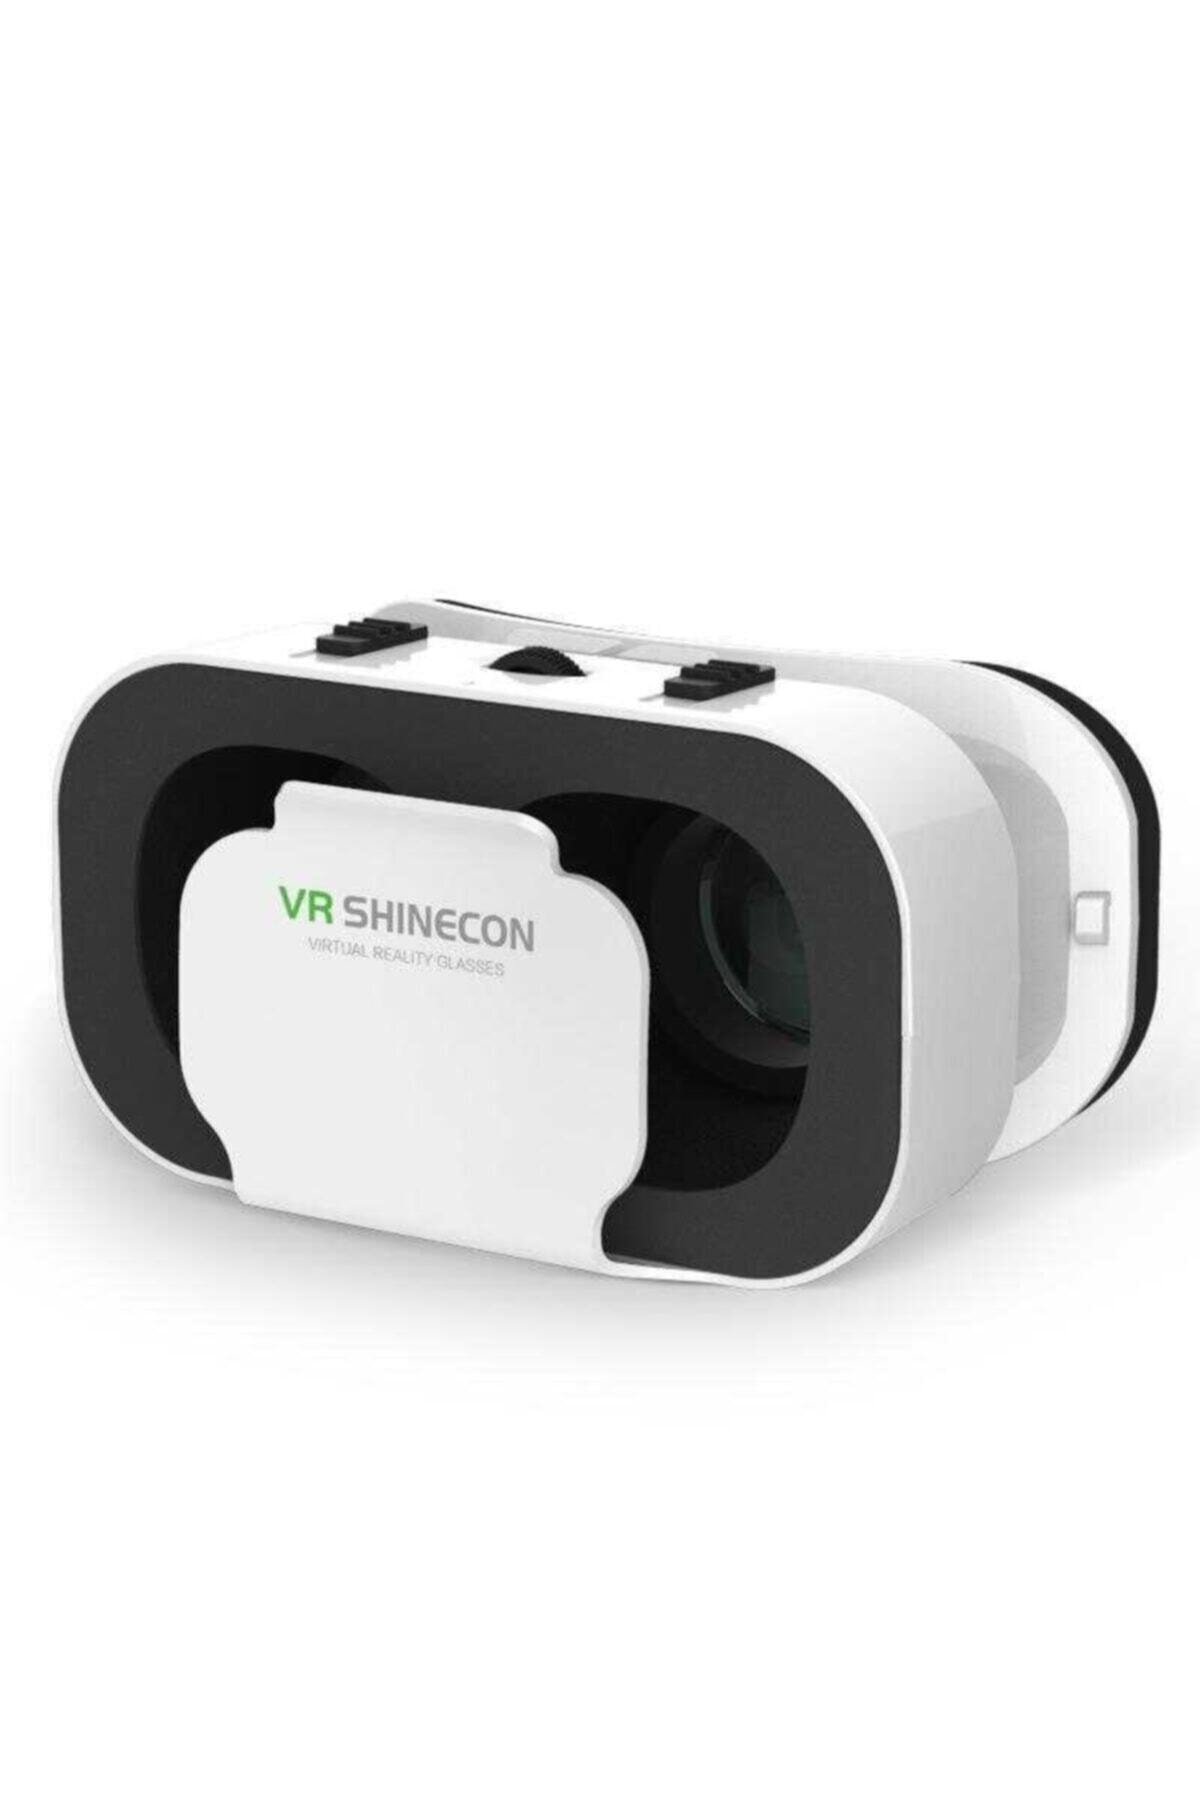 dijimedia G05 Vr Shinecon 3d Sanal Gerçeklik Gözlüğü - 1